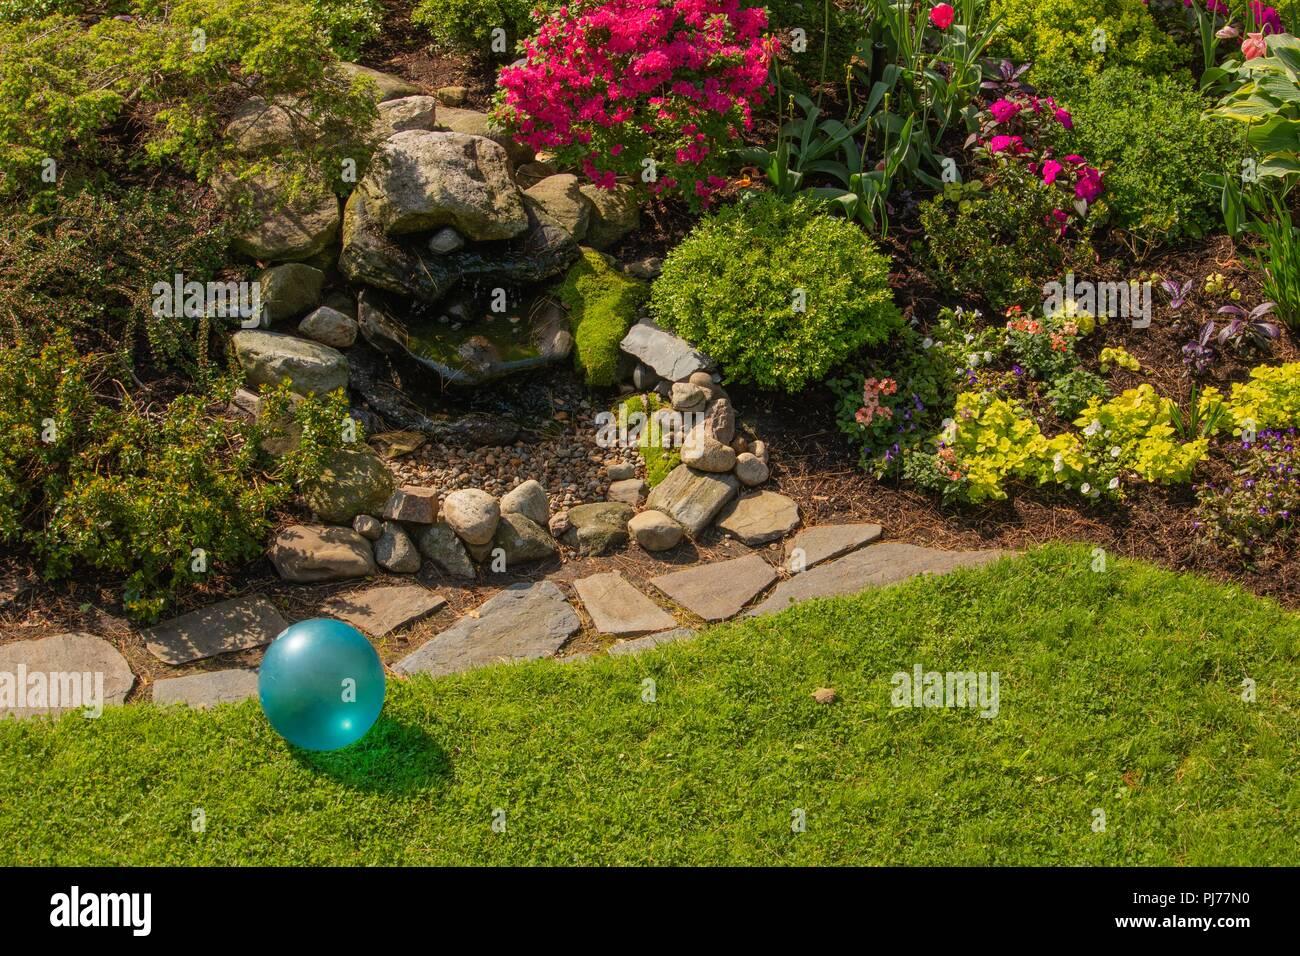 Fontaine en pierre jardin bleu turquoise avec des jouets de la ...